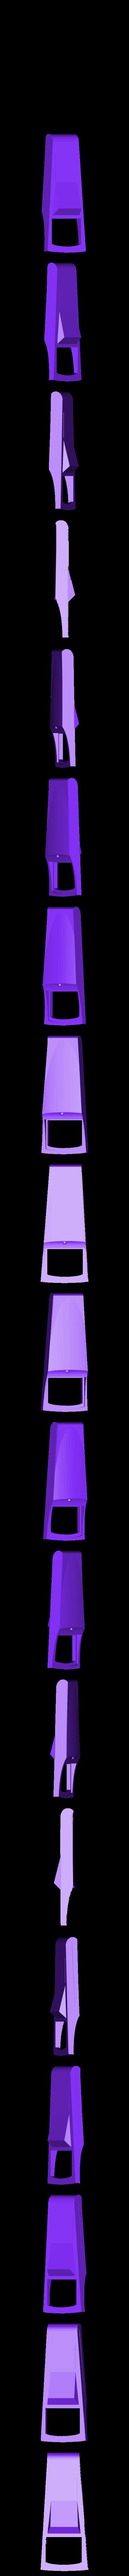 space 1999 detector.stl Download STL file space 1999 detector tool  • 3D printer object, platt980